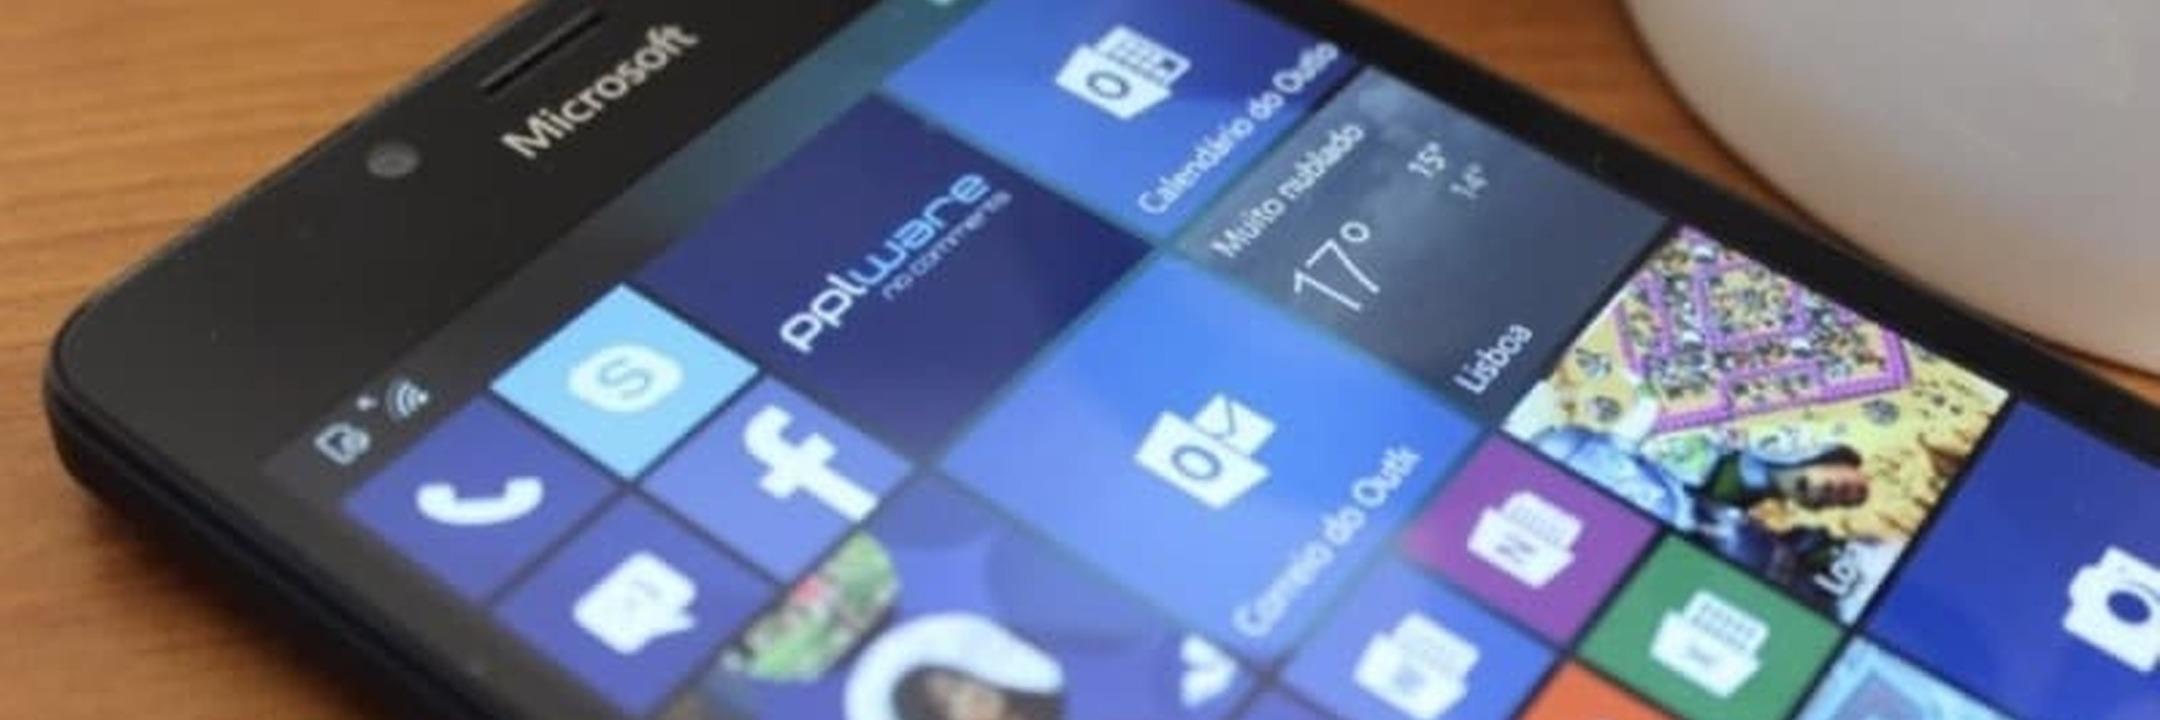 Afinal Windows 10 Mobile não morreu? Período de atualizações foi estendido pela Microsoft